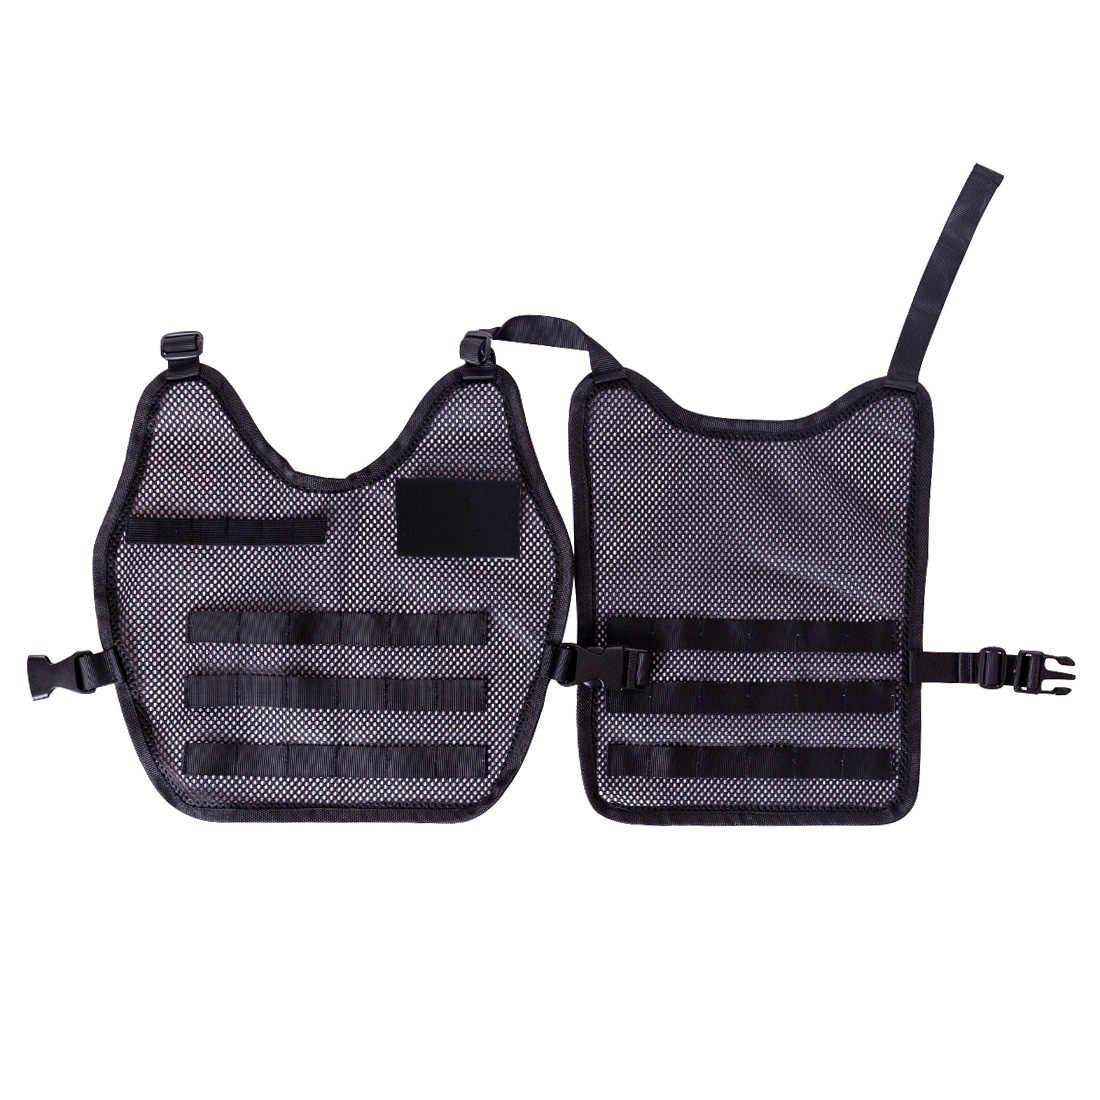 Тактический Молл военный костюм спецназовца очки полицейский шлем тактика зажимы на брызговик держатель снаряжение для Nerf N-strike Элитной серии CSGame